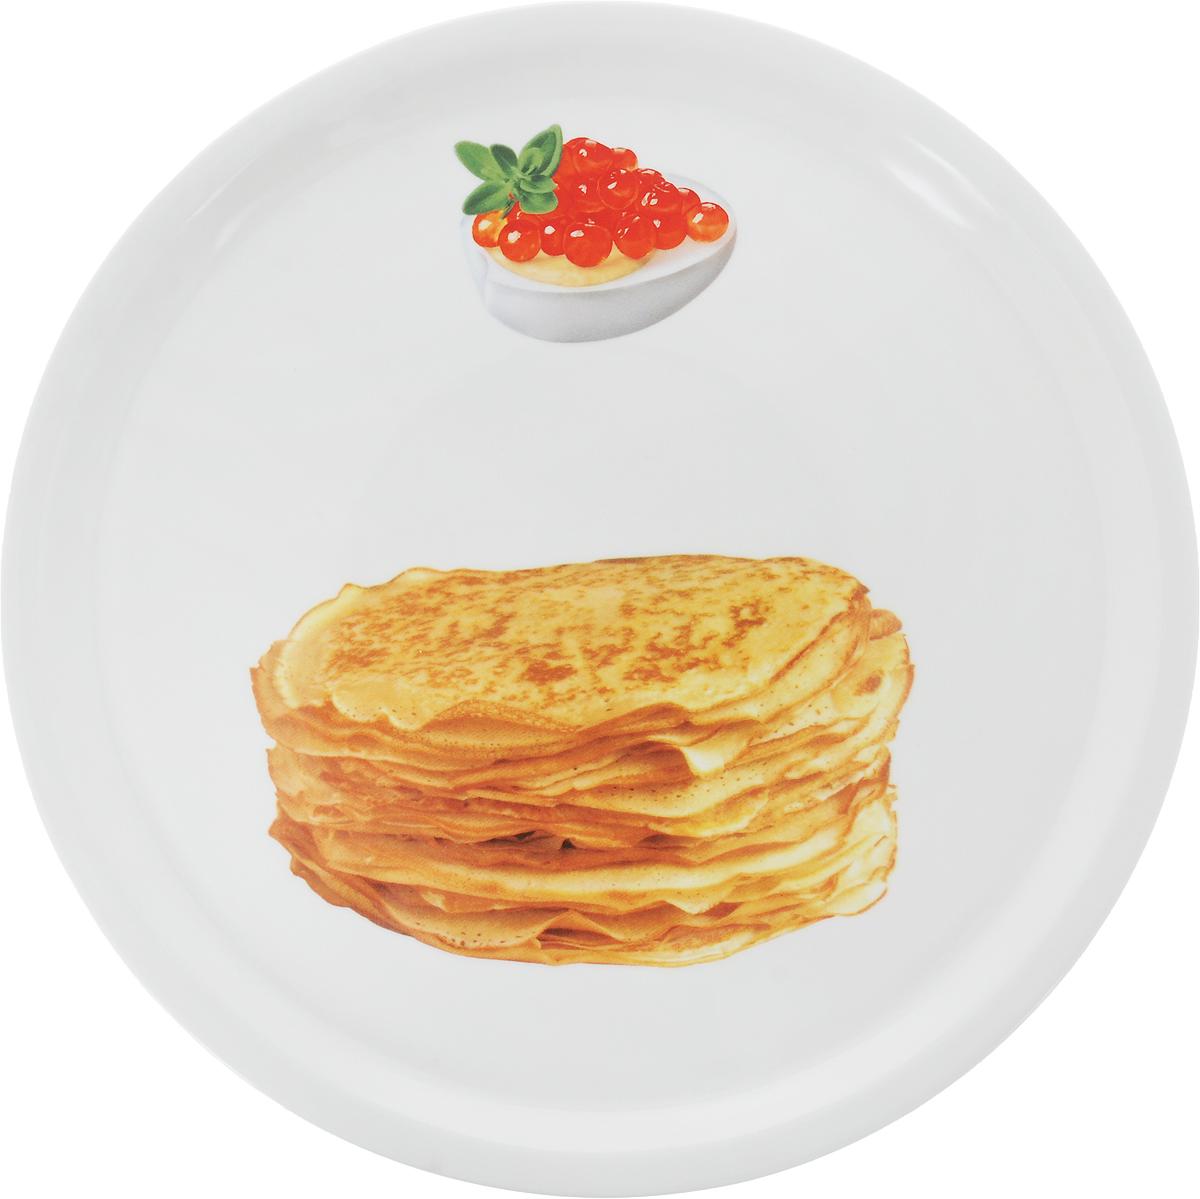 Тарелка для блинов Elan Gallery Блины, диаметр 25 см101108Круглая тарелка Elan Gallery Блины, изготовленная из фарфора и декорированная ярким и аппетитным изображением, позволит красиво подать блины.Такая тарелка украсит сервировку вашего стола и подчеркнет прекрасный вкус хозяина, а также станет отличным подарком.Диаметр: 25 см.Высота: 2 см.